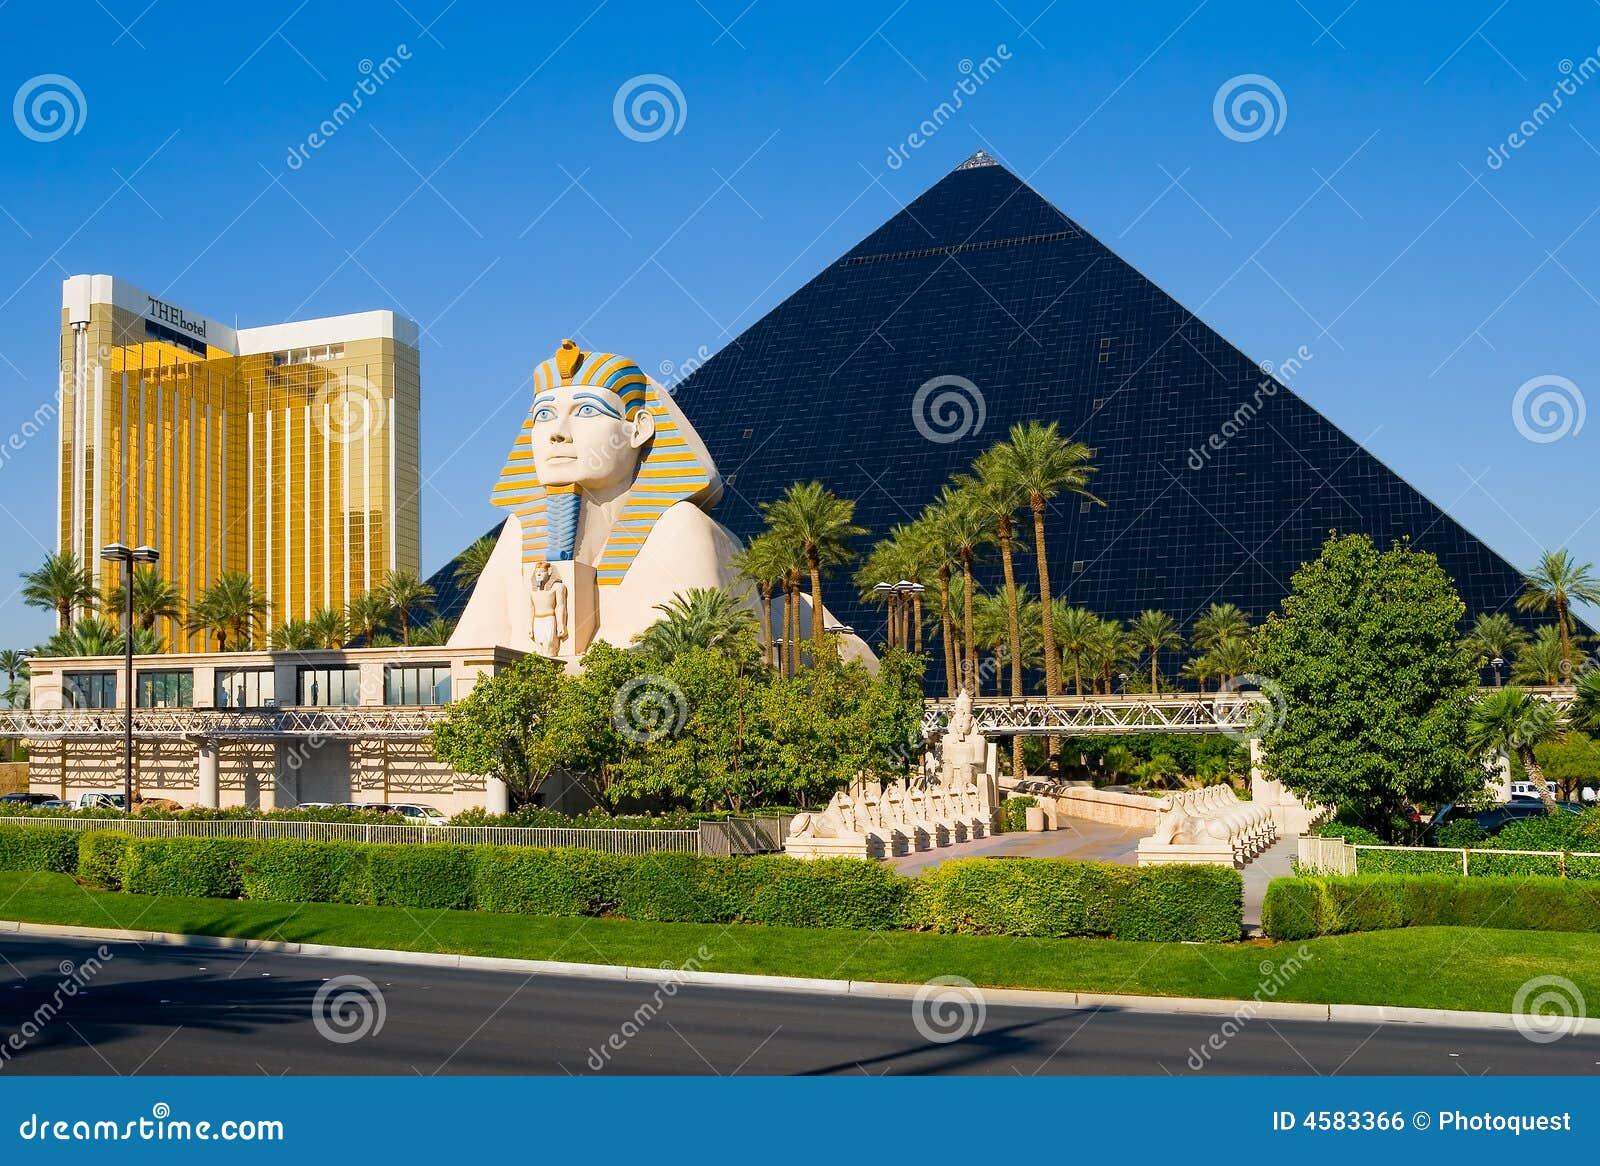 pyramid casino vegas